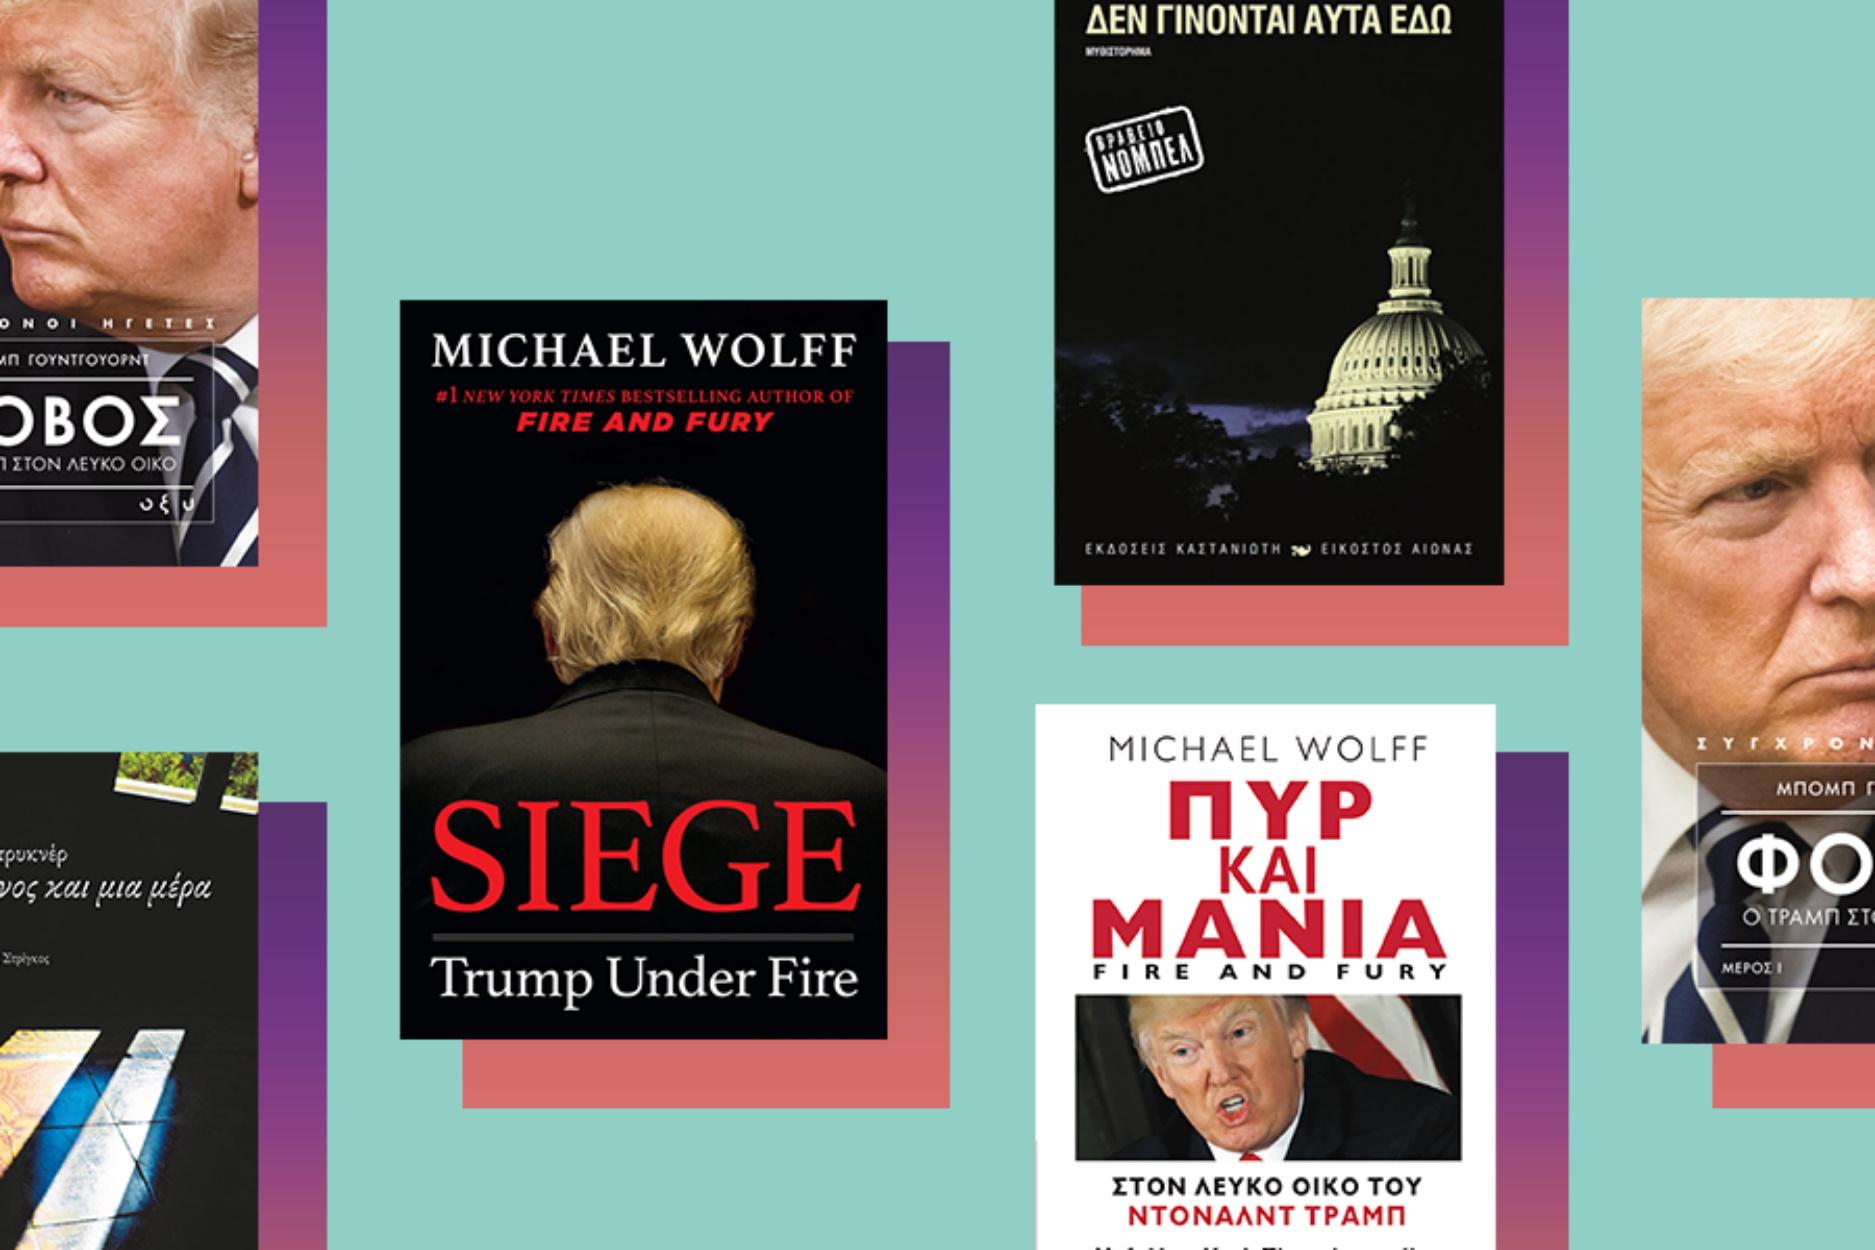 Φαινόμενο Ντόναλντ Τραμπ: Τα βιβλία που μας βοηθούν να κατανοήσουμε καλύτερα την κατάσταση